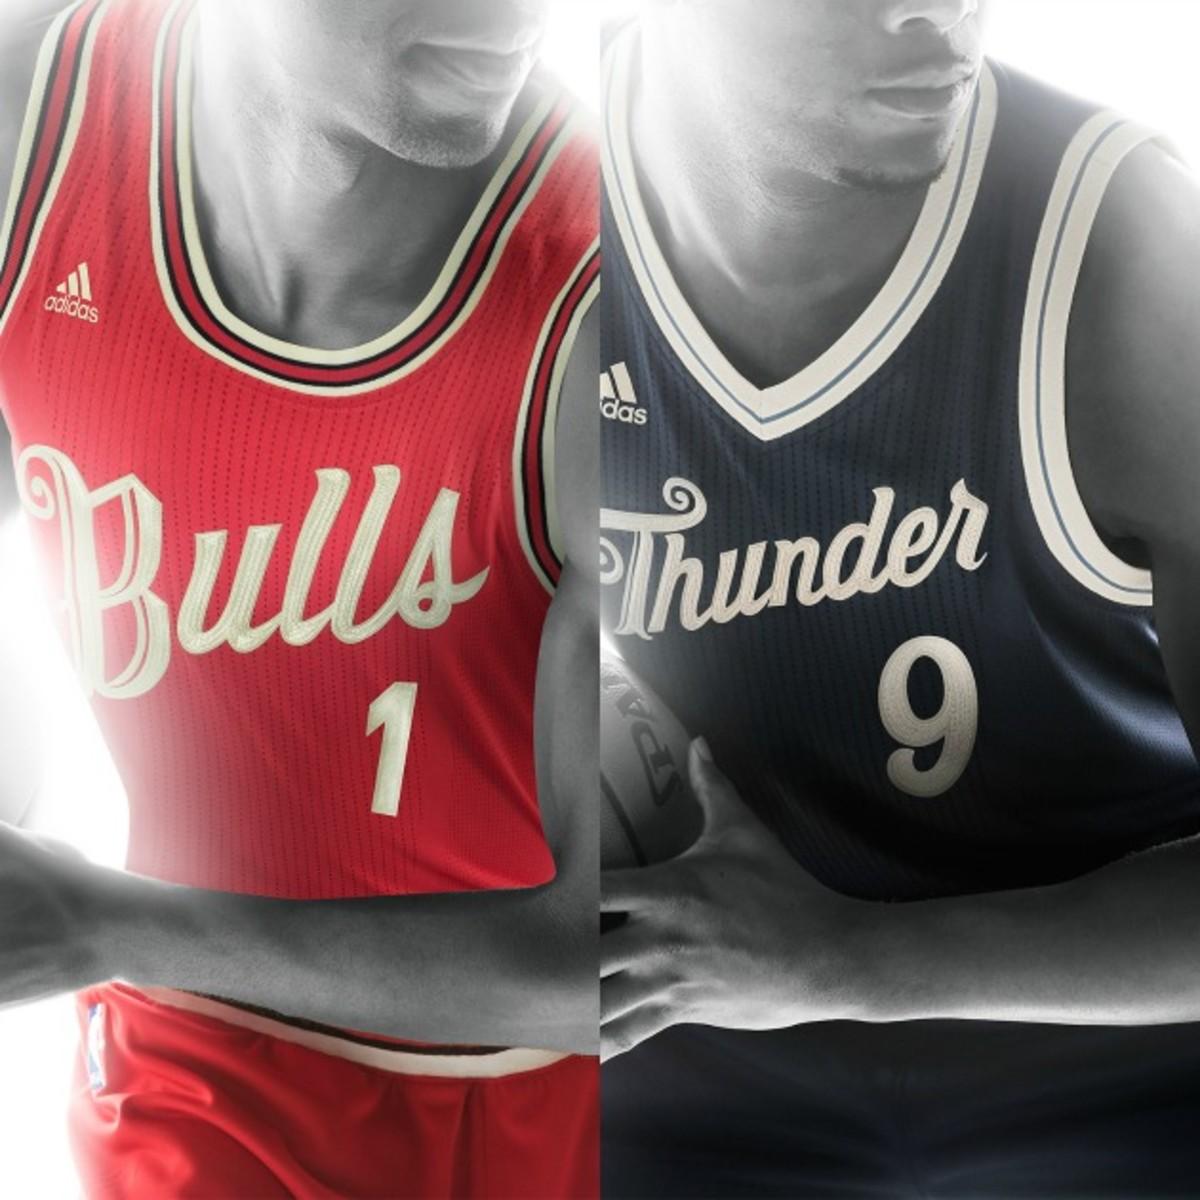 bulls-thunder-christmas.jpg